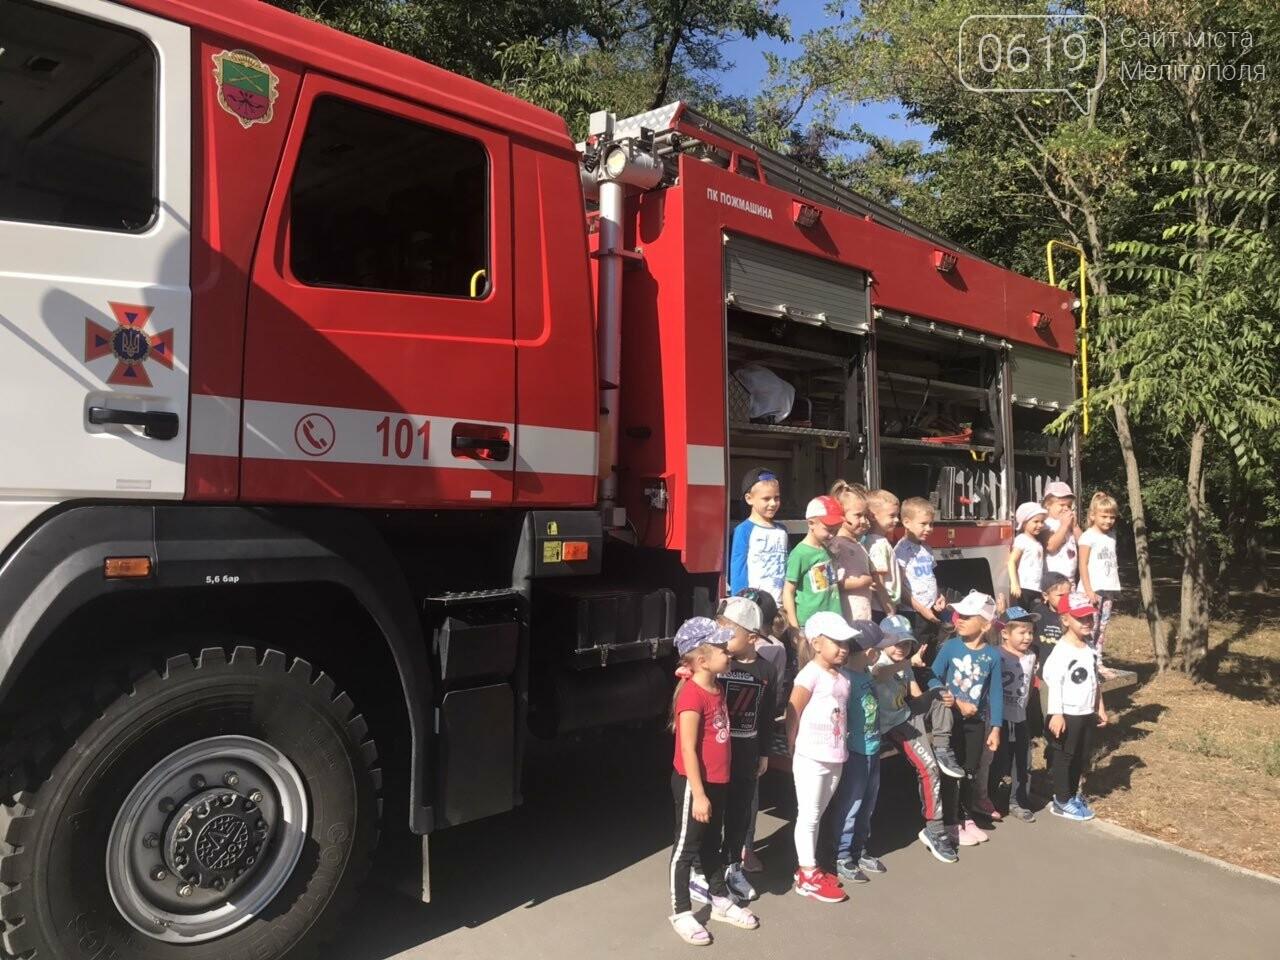 Мелитопольские спасатели провели масштабную акцию для детей, фото-3